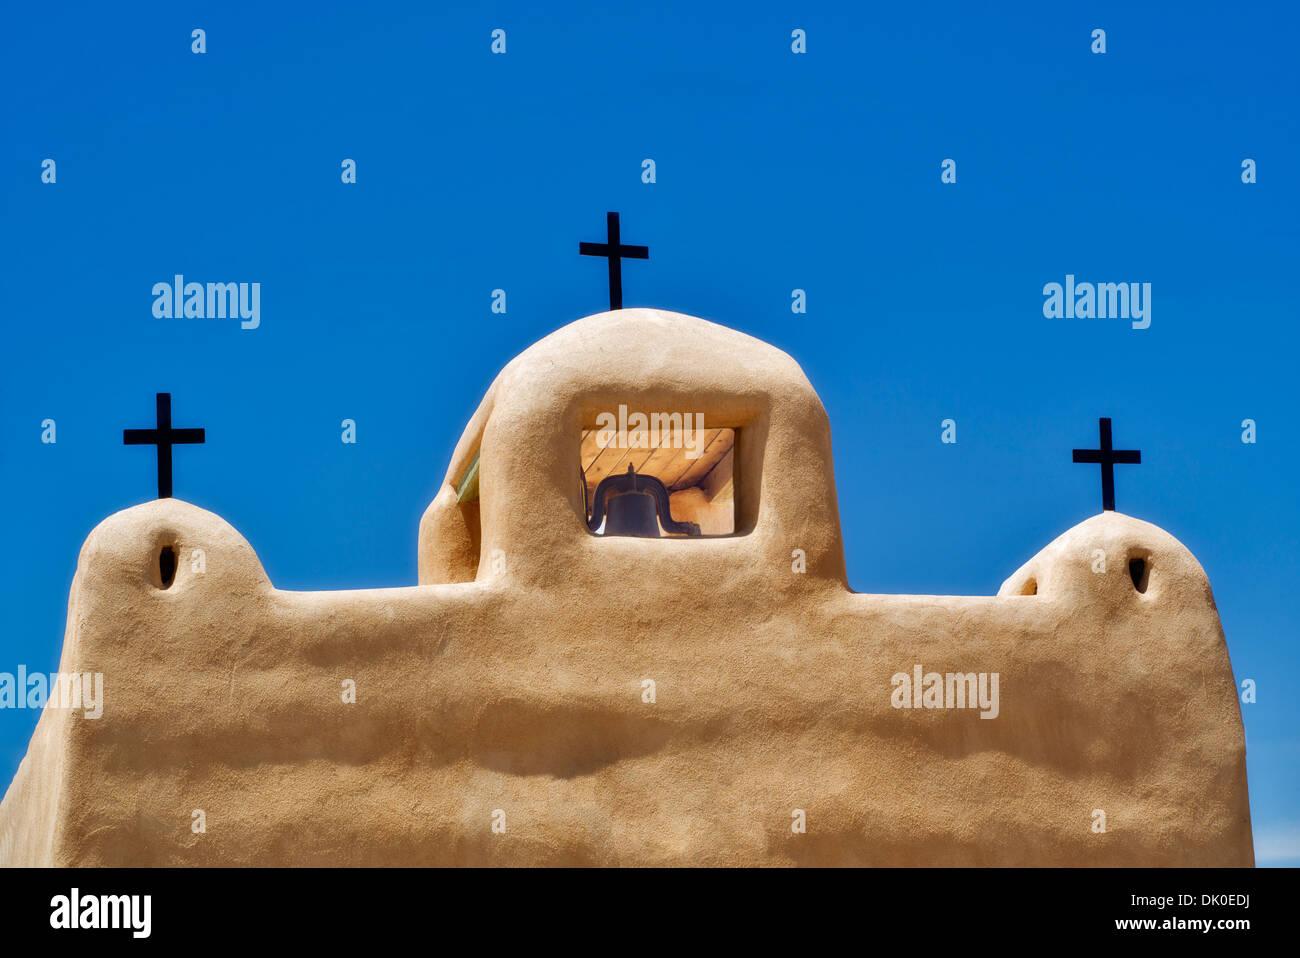 Church San Juan De Los Lagos. Talpa, New Mexico - Stock Image